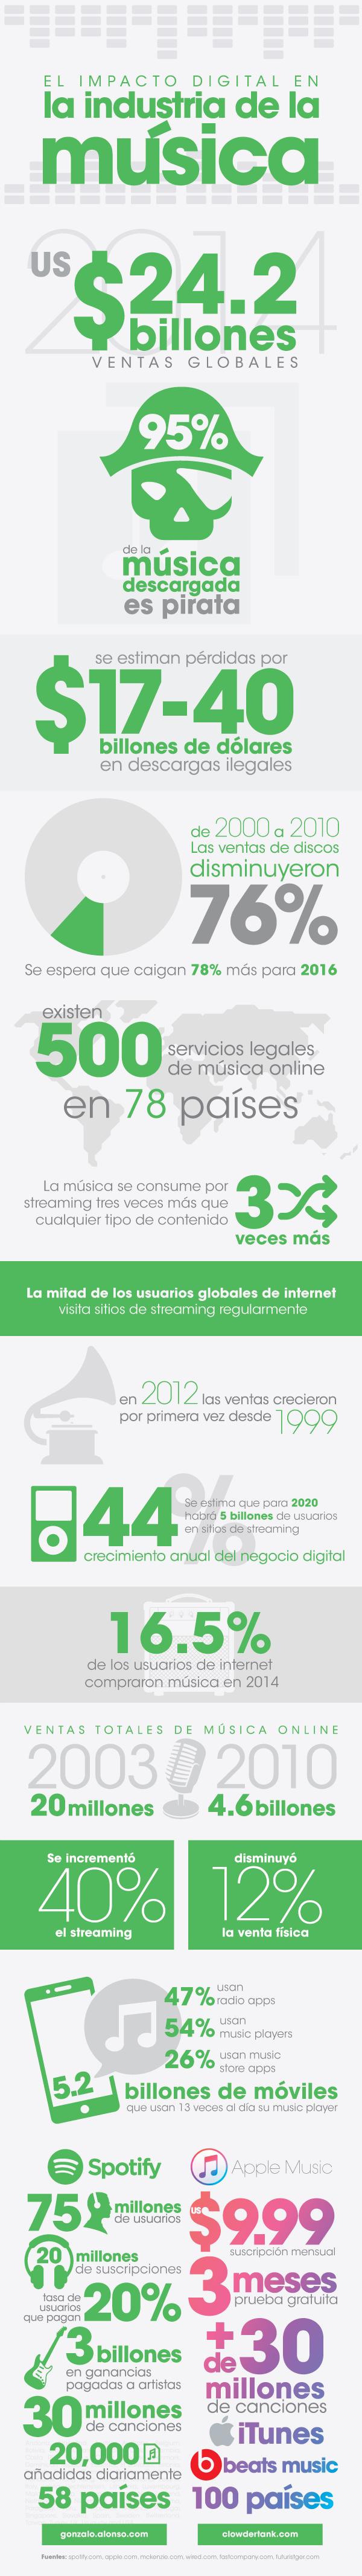 Impacto digital en la industria de la música